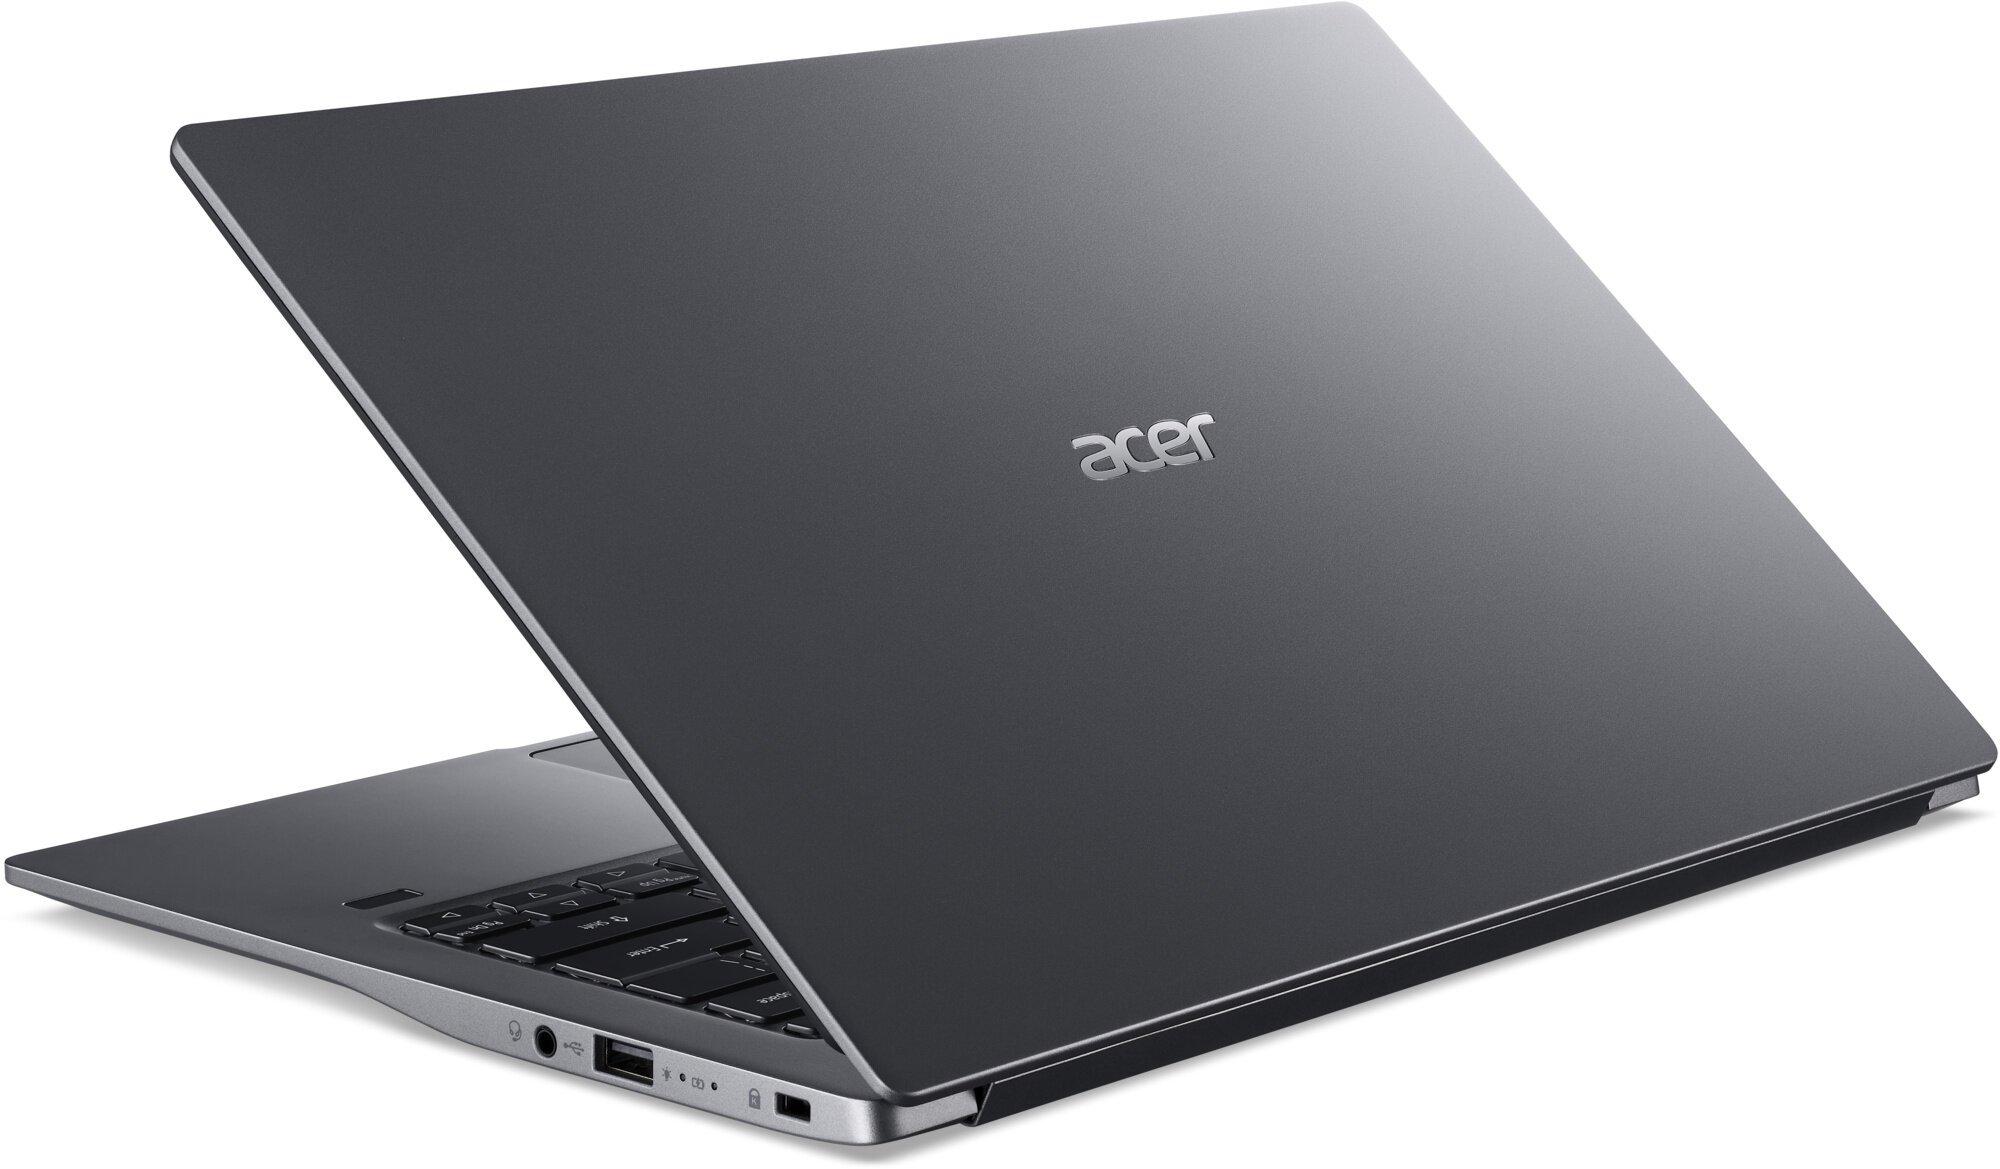 Acer Swift 3 SF314-57-5090